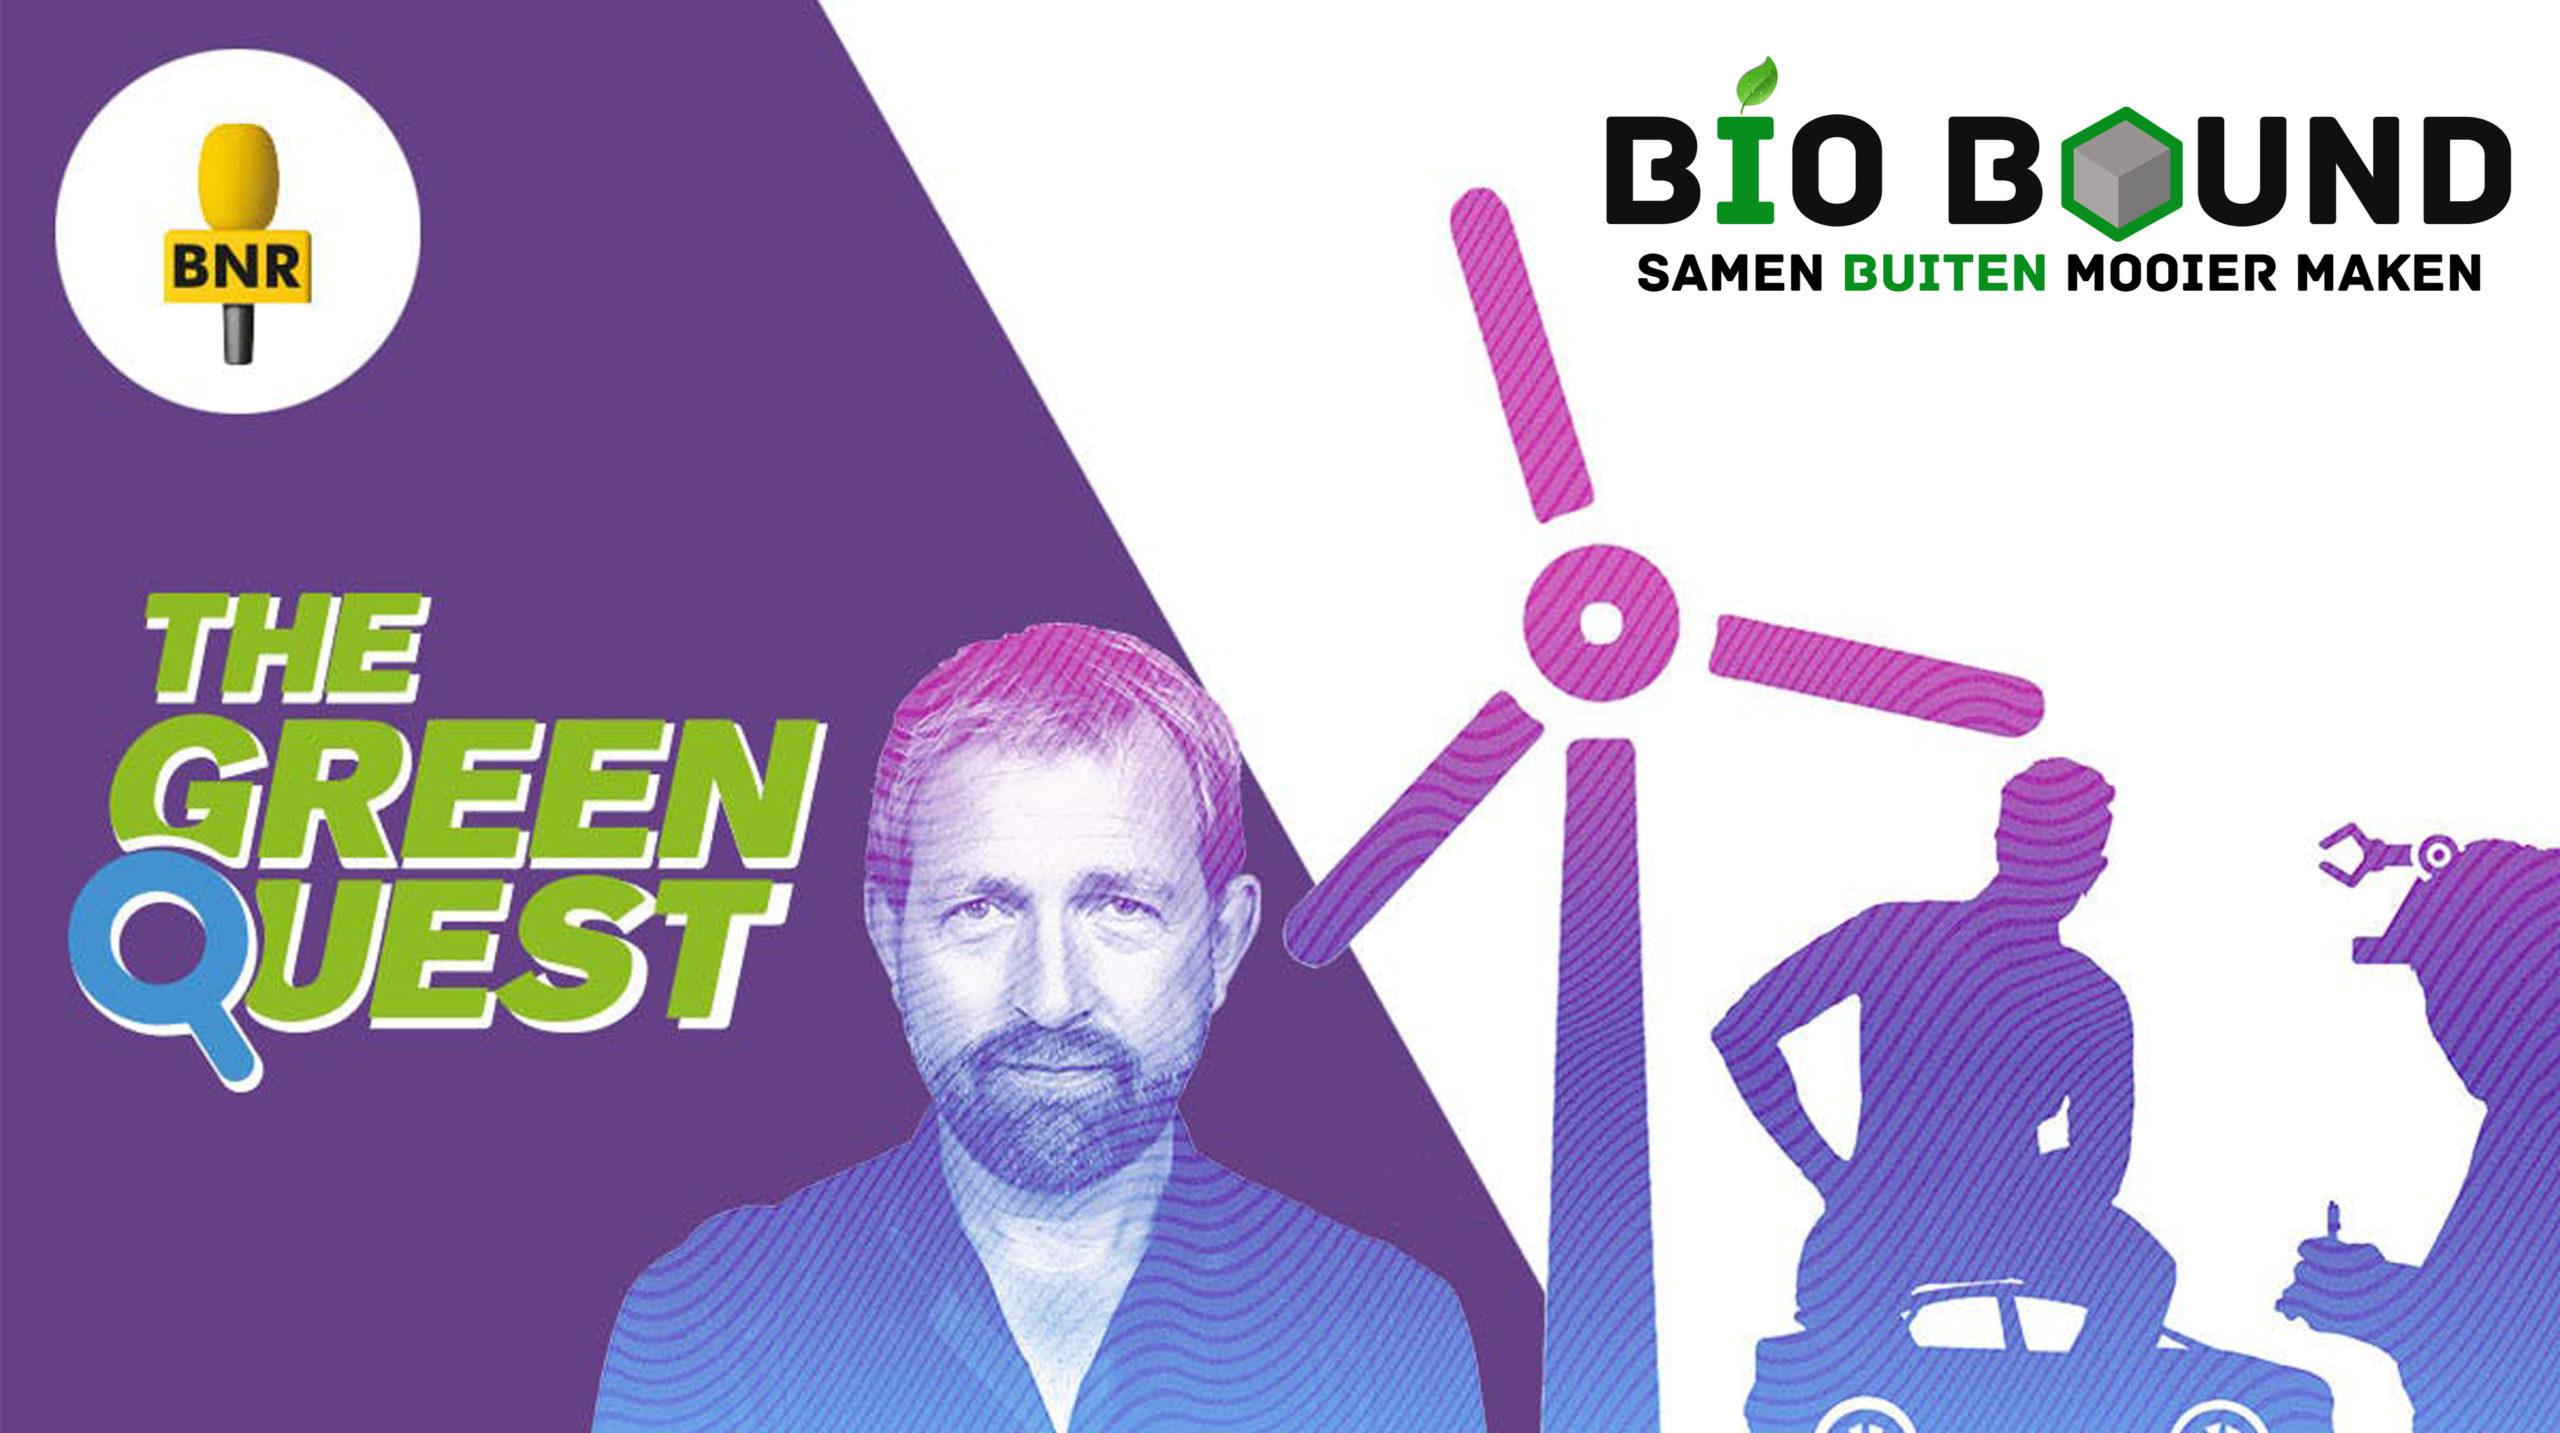 Bio Bound bij BNR The Green Quest